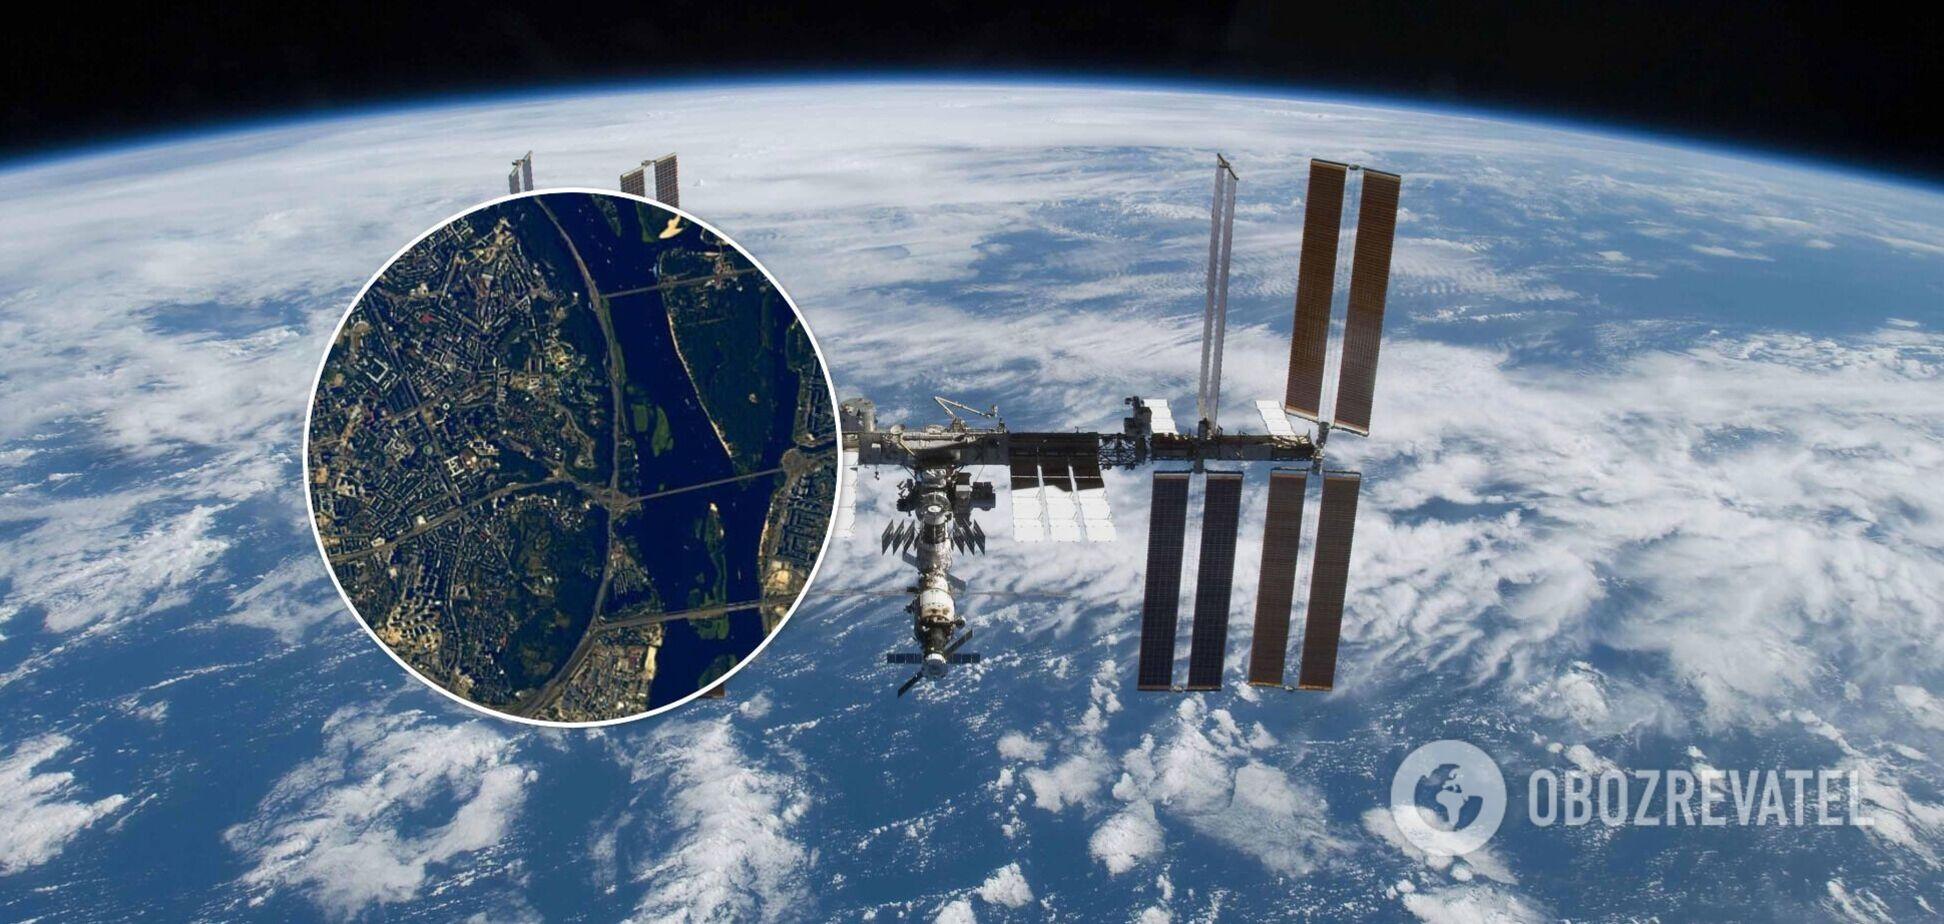 Фото сделаны на Международной космической станции